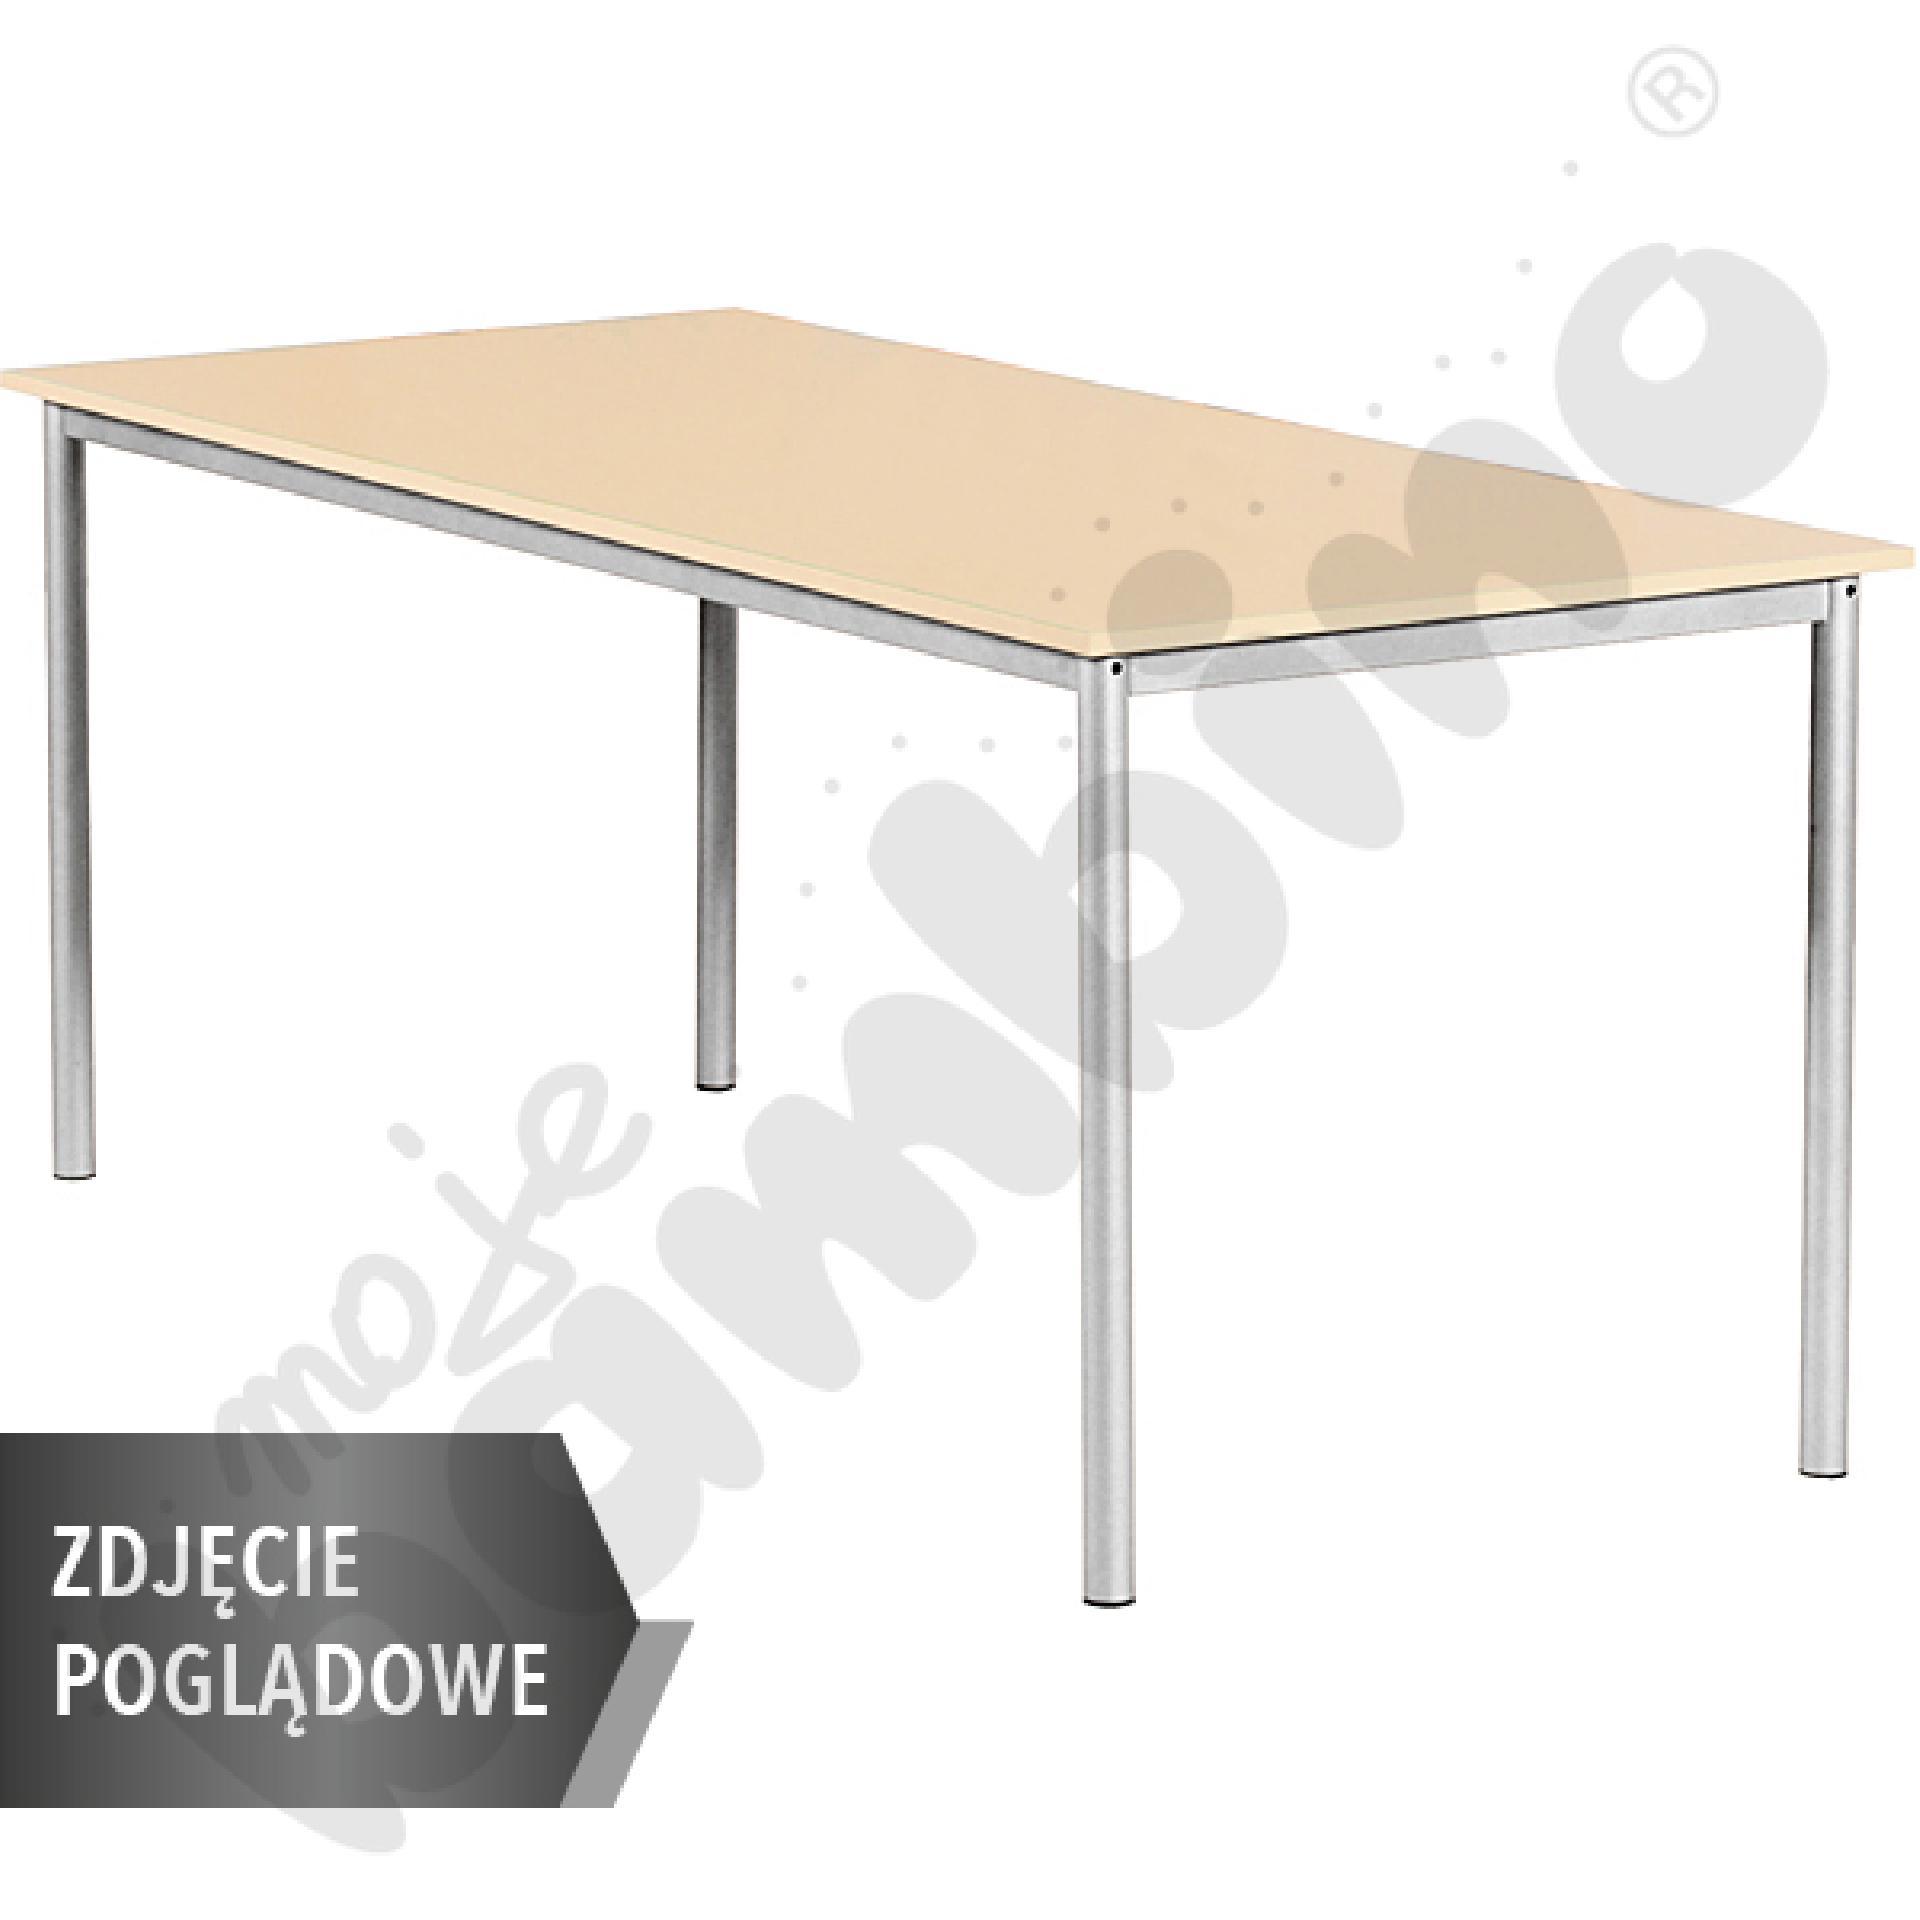 Stół Mila 160x80 rozm. 6, 8os., stelaż zielony, blat buk, obrzeże ABS, narożniki proste